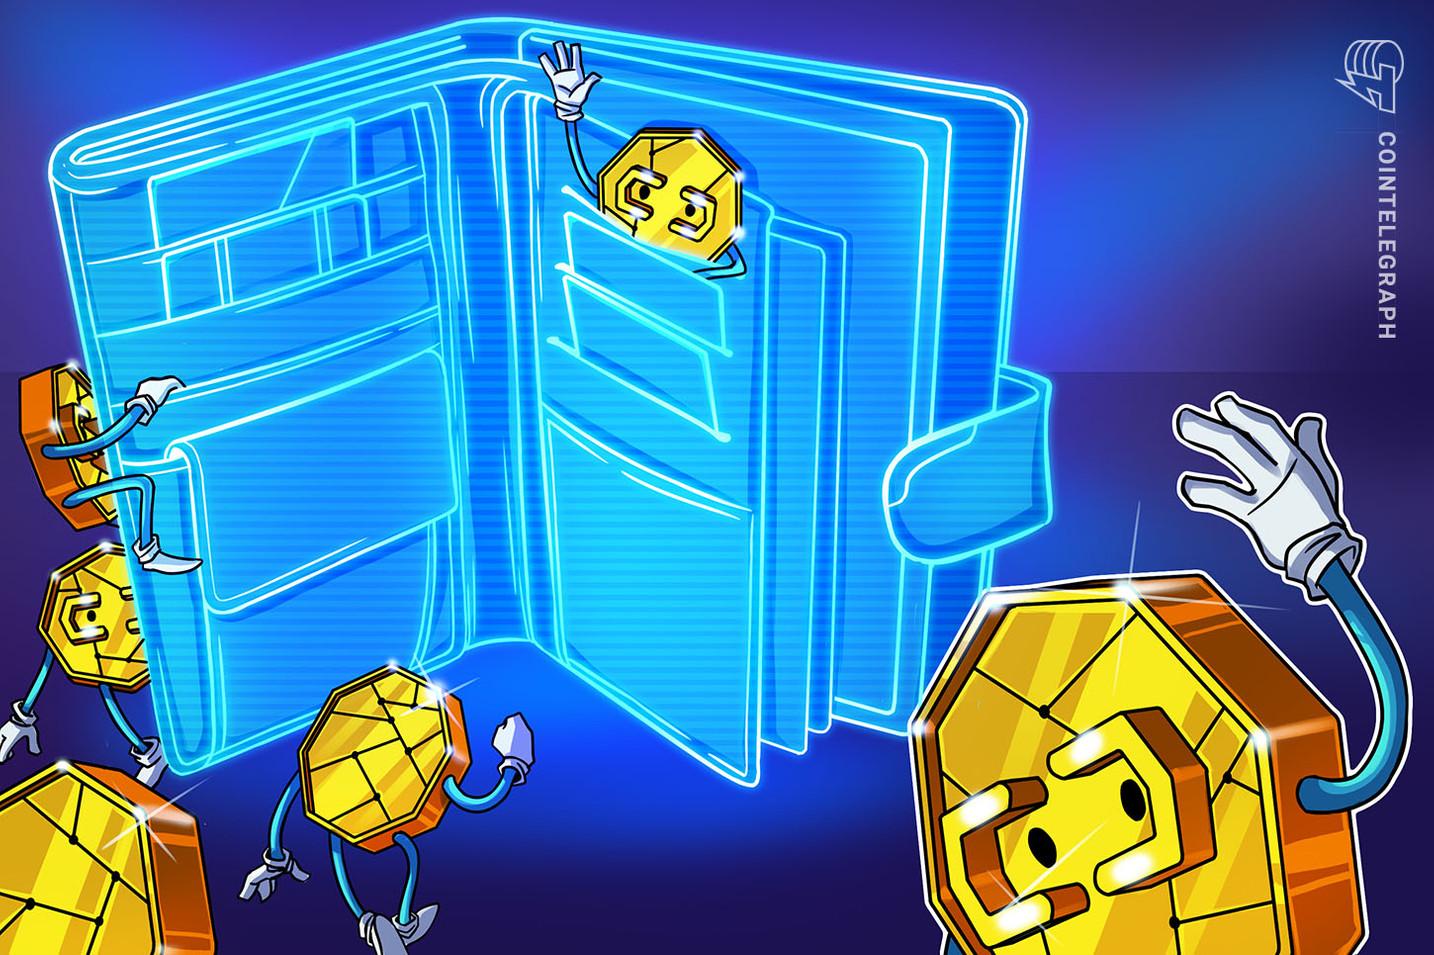 A marca global de pagamentos Skrill expande os serviços de criptografia de carteira